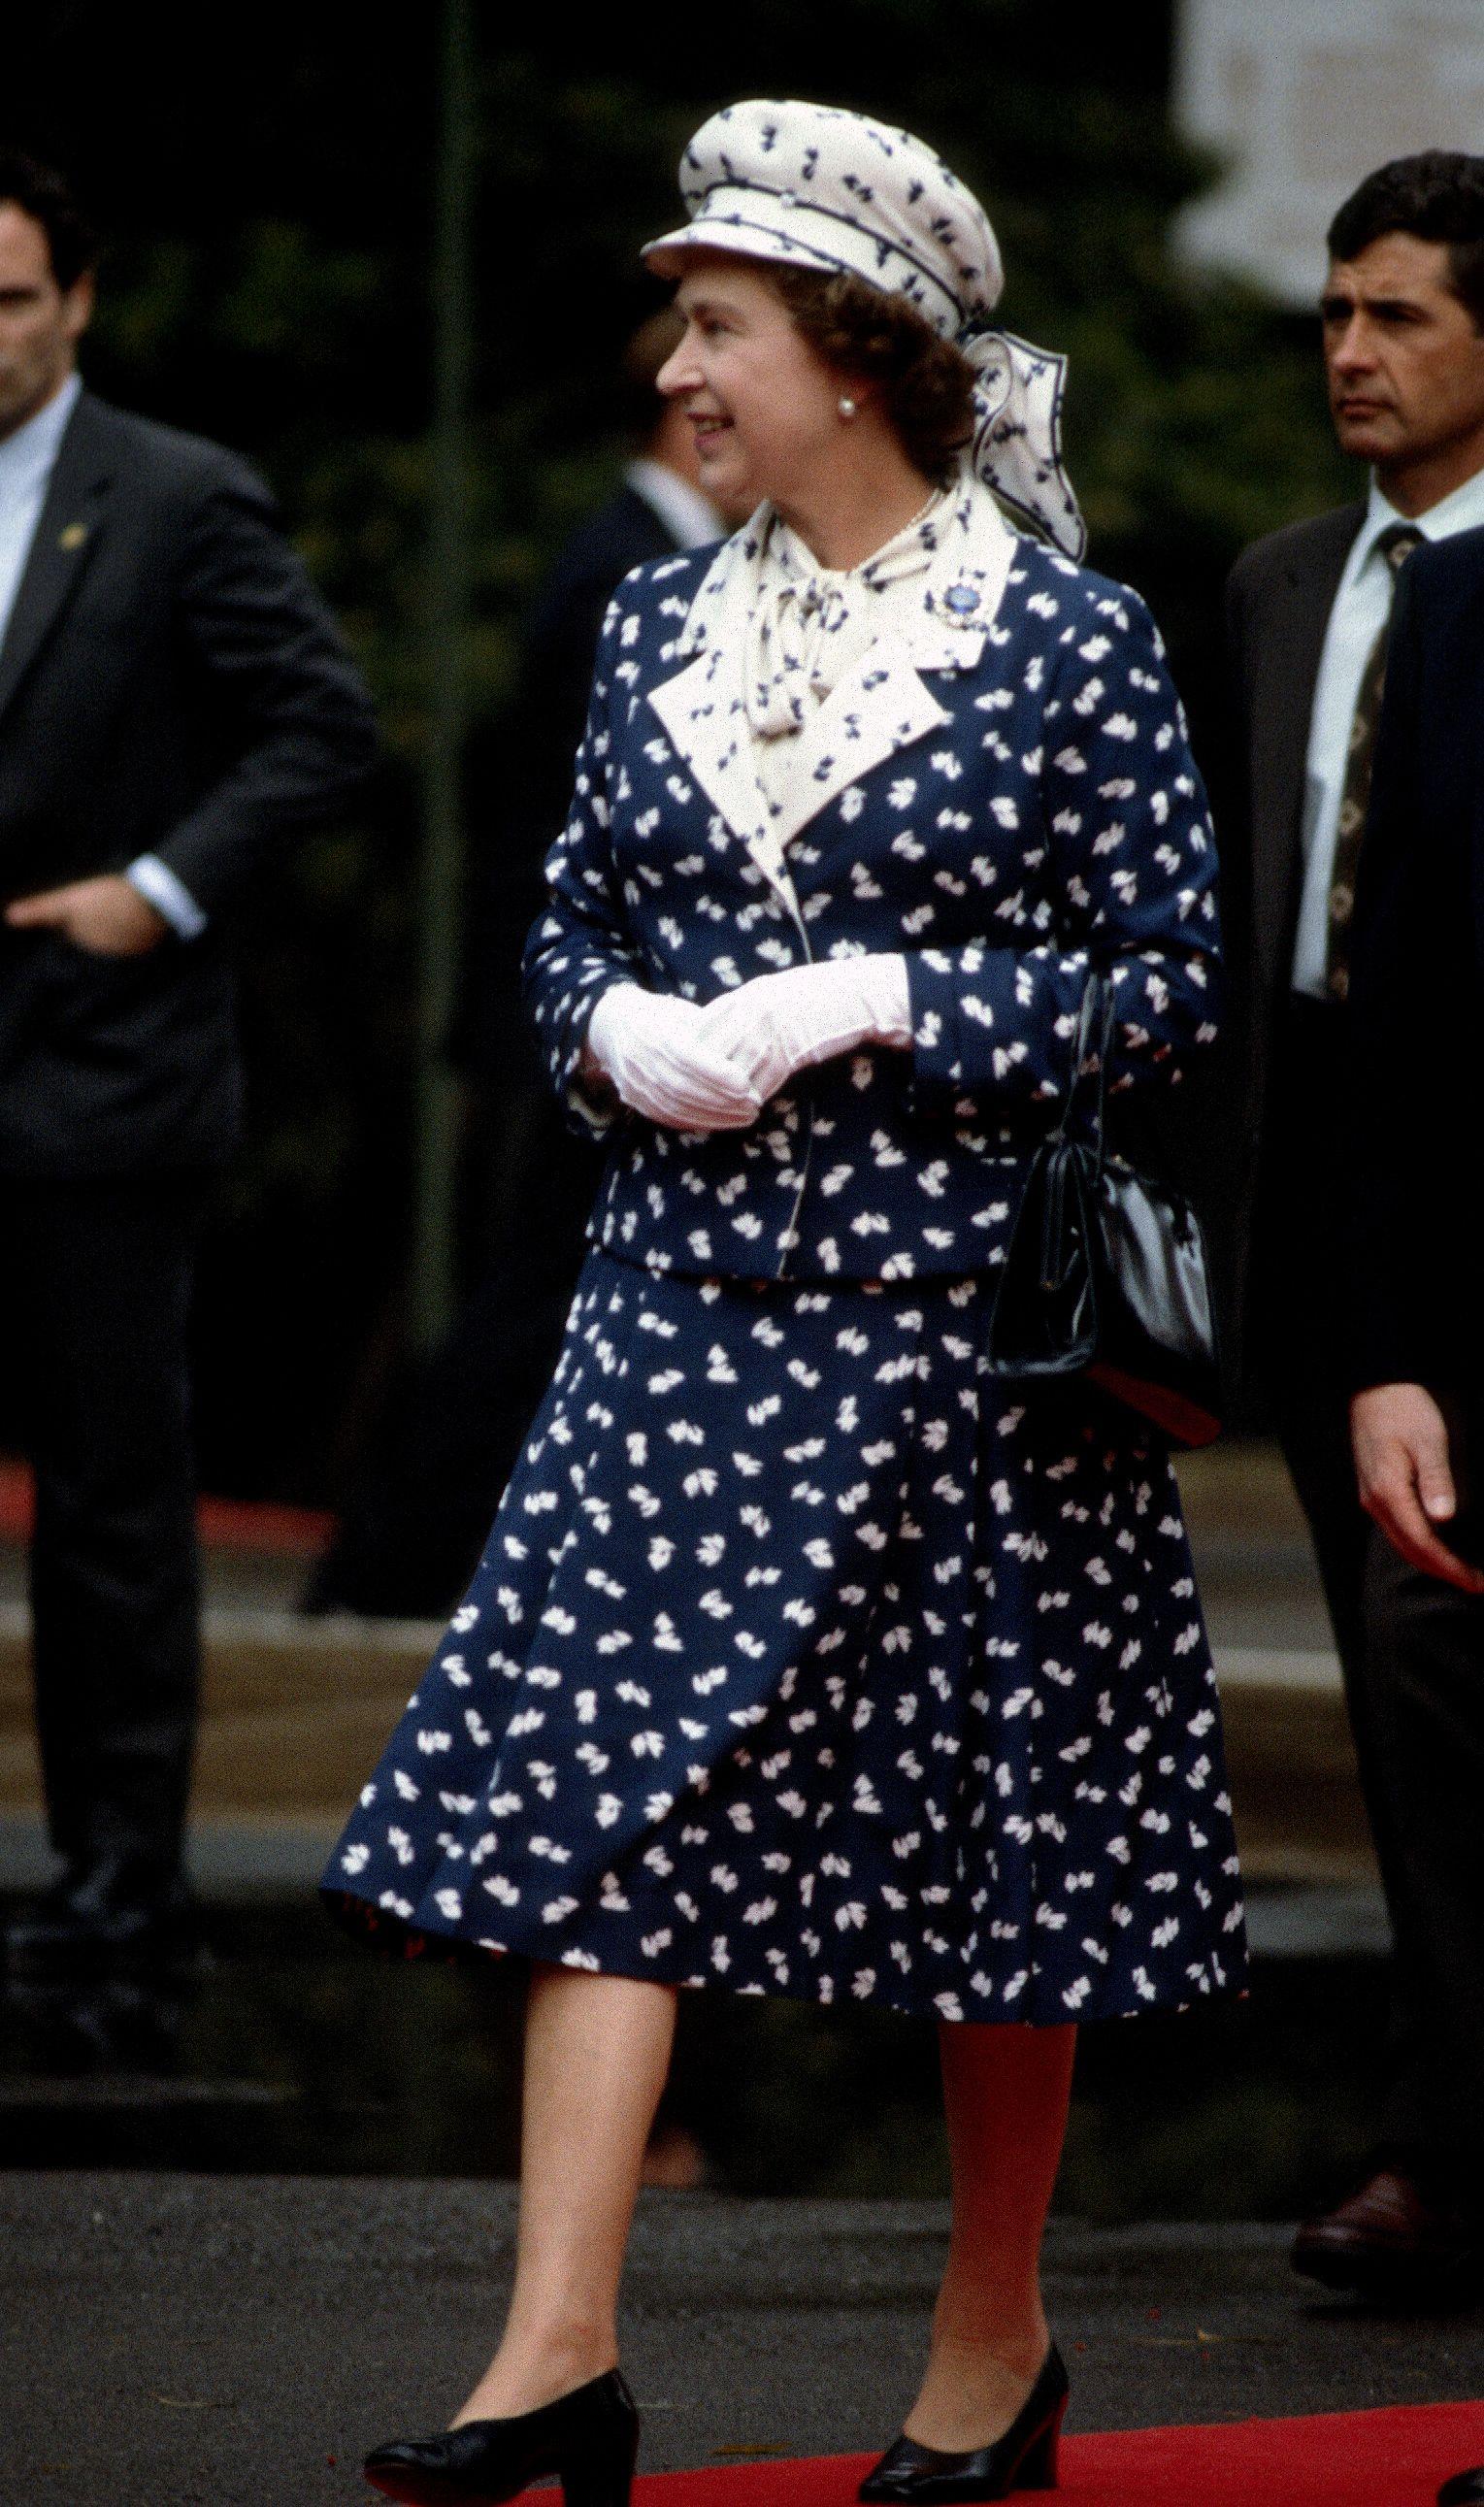 Queen Elizabeth S Most Iconic Style Moments Queen Hat Queen Elizabeth Sparkly Gown [ 2583 x 1529 Pixel ]